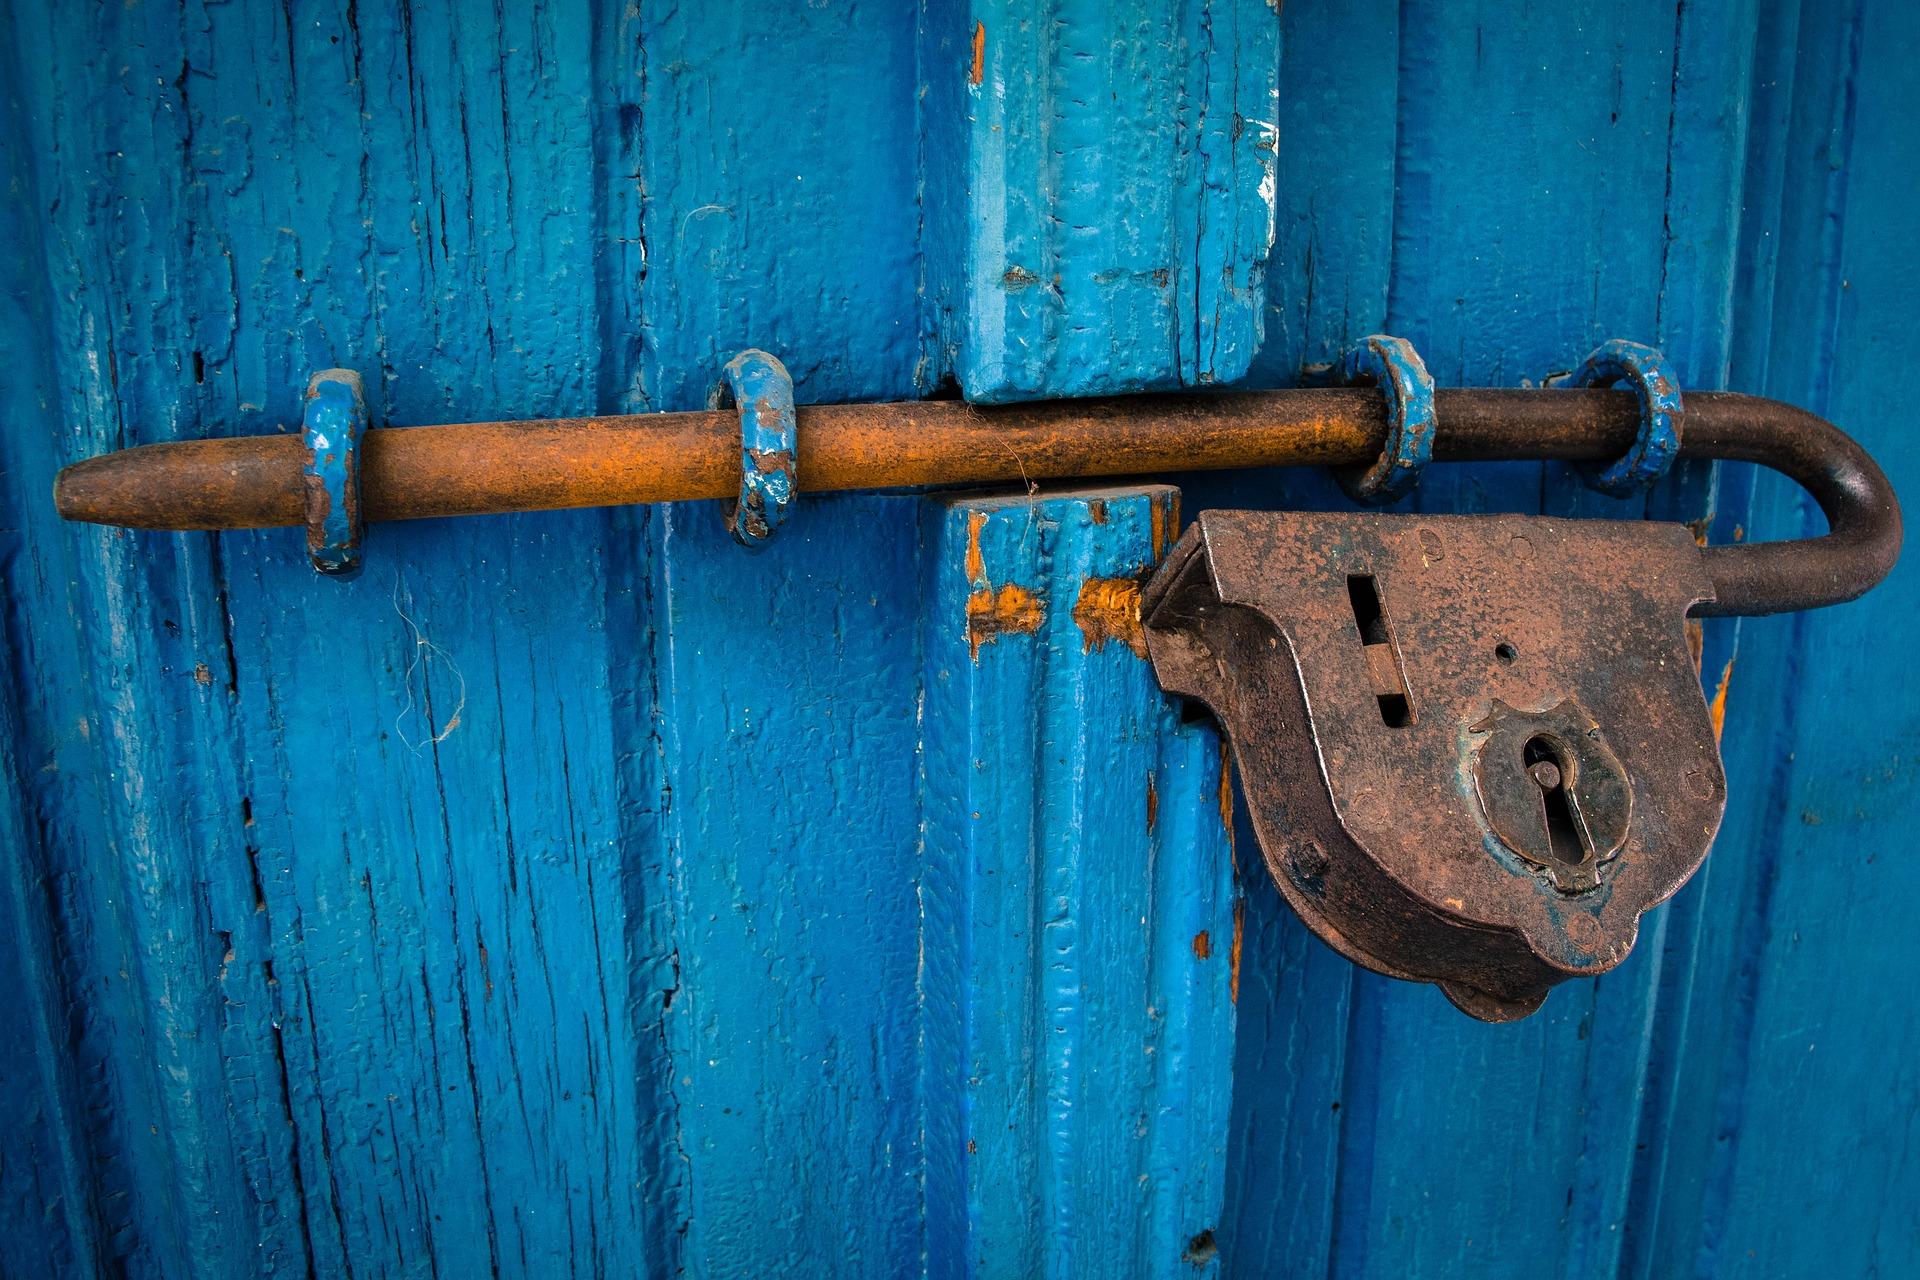 'Meer waarde hechten aan verklaring van gegijzelde deurwaarder' - Mr. online